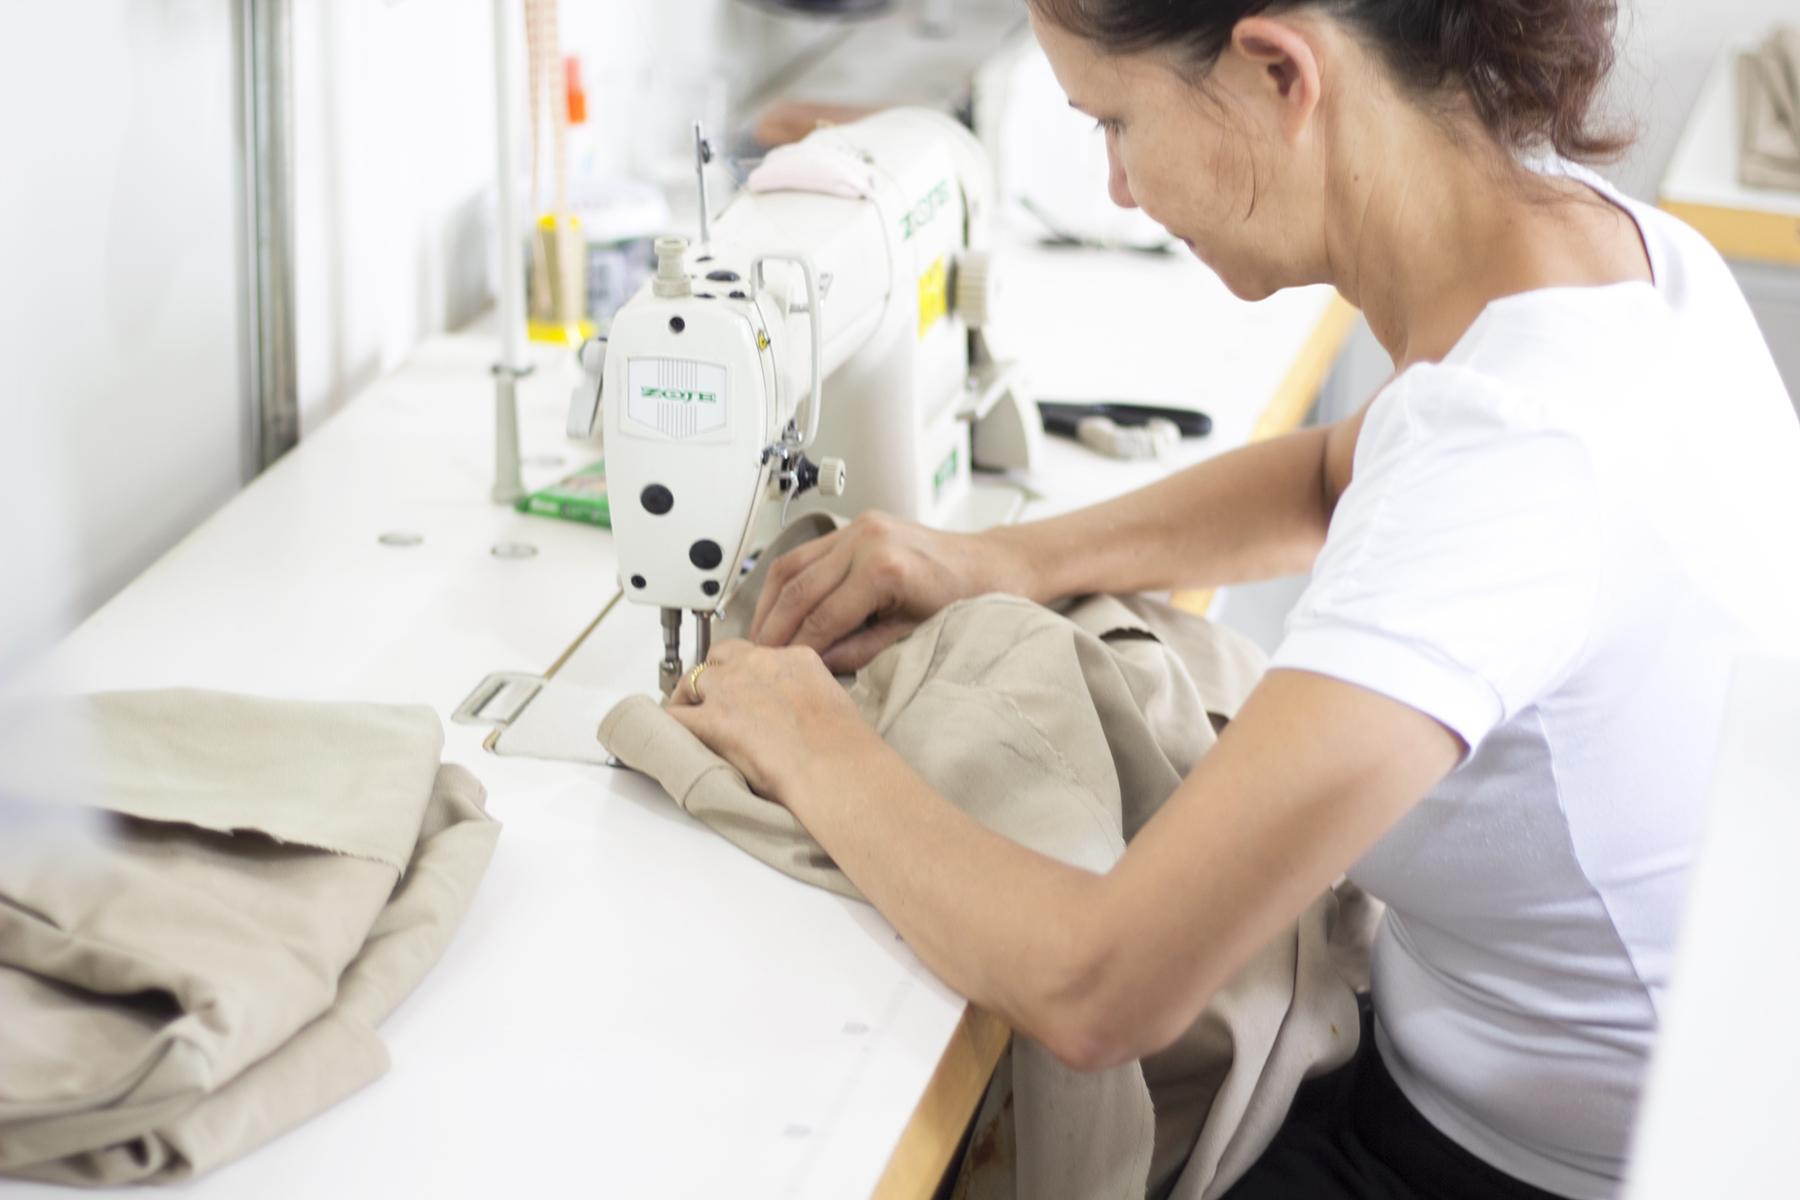 Marca slow fashion usa lonas e redes tirados do mar para criar coleção9